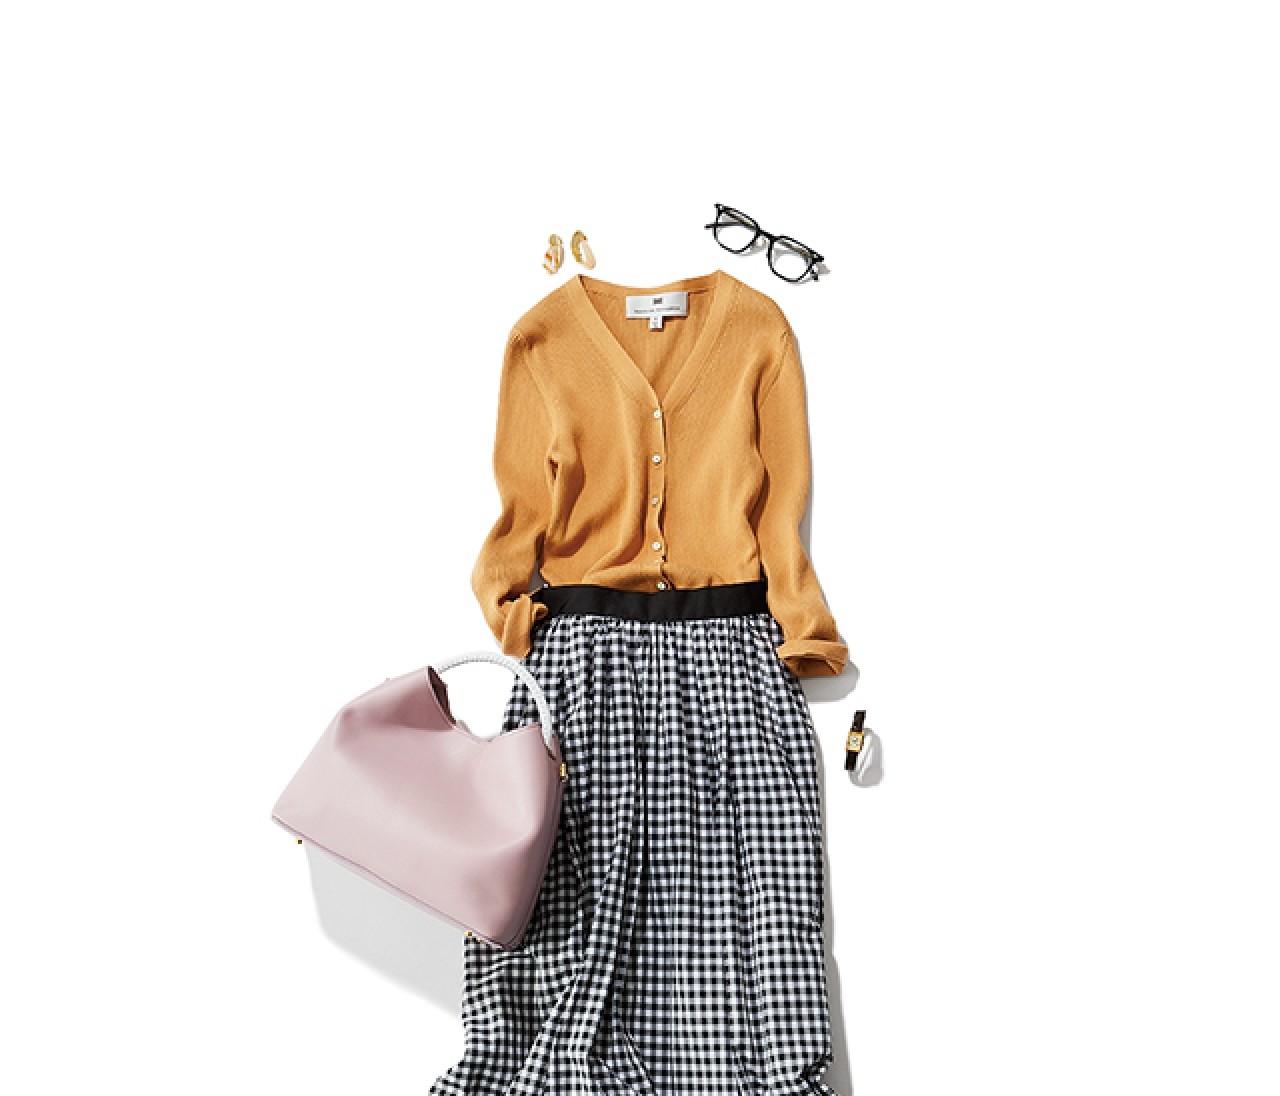 メガネ通勤の日は、女っぽいカーデで甘めのフレアスカートコーデ♡【2019/6/4のコーデ】